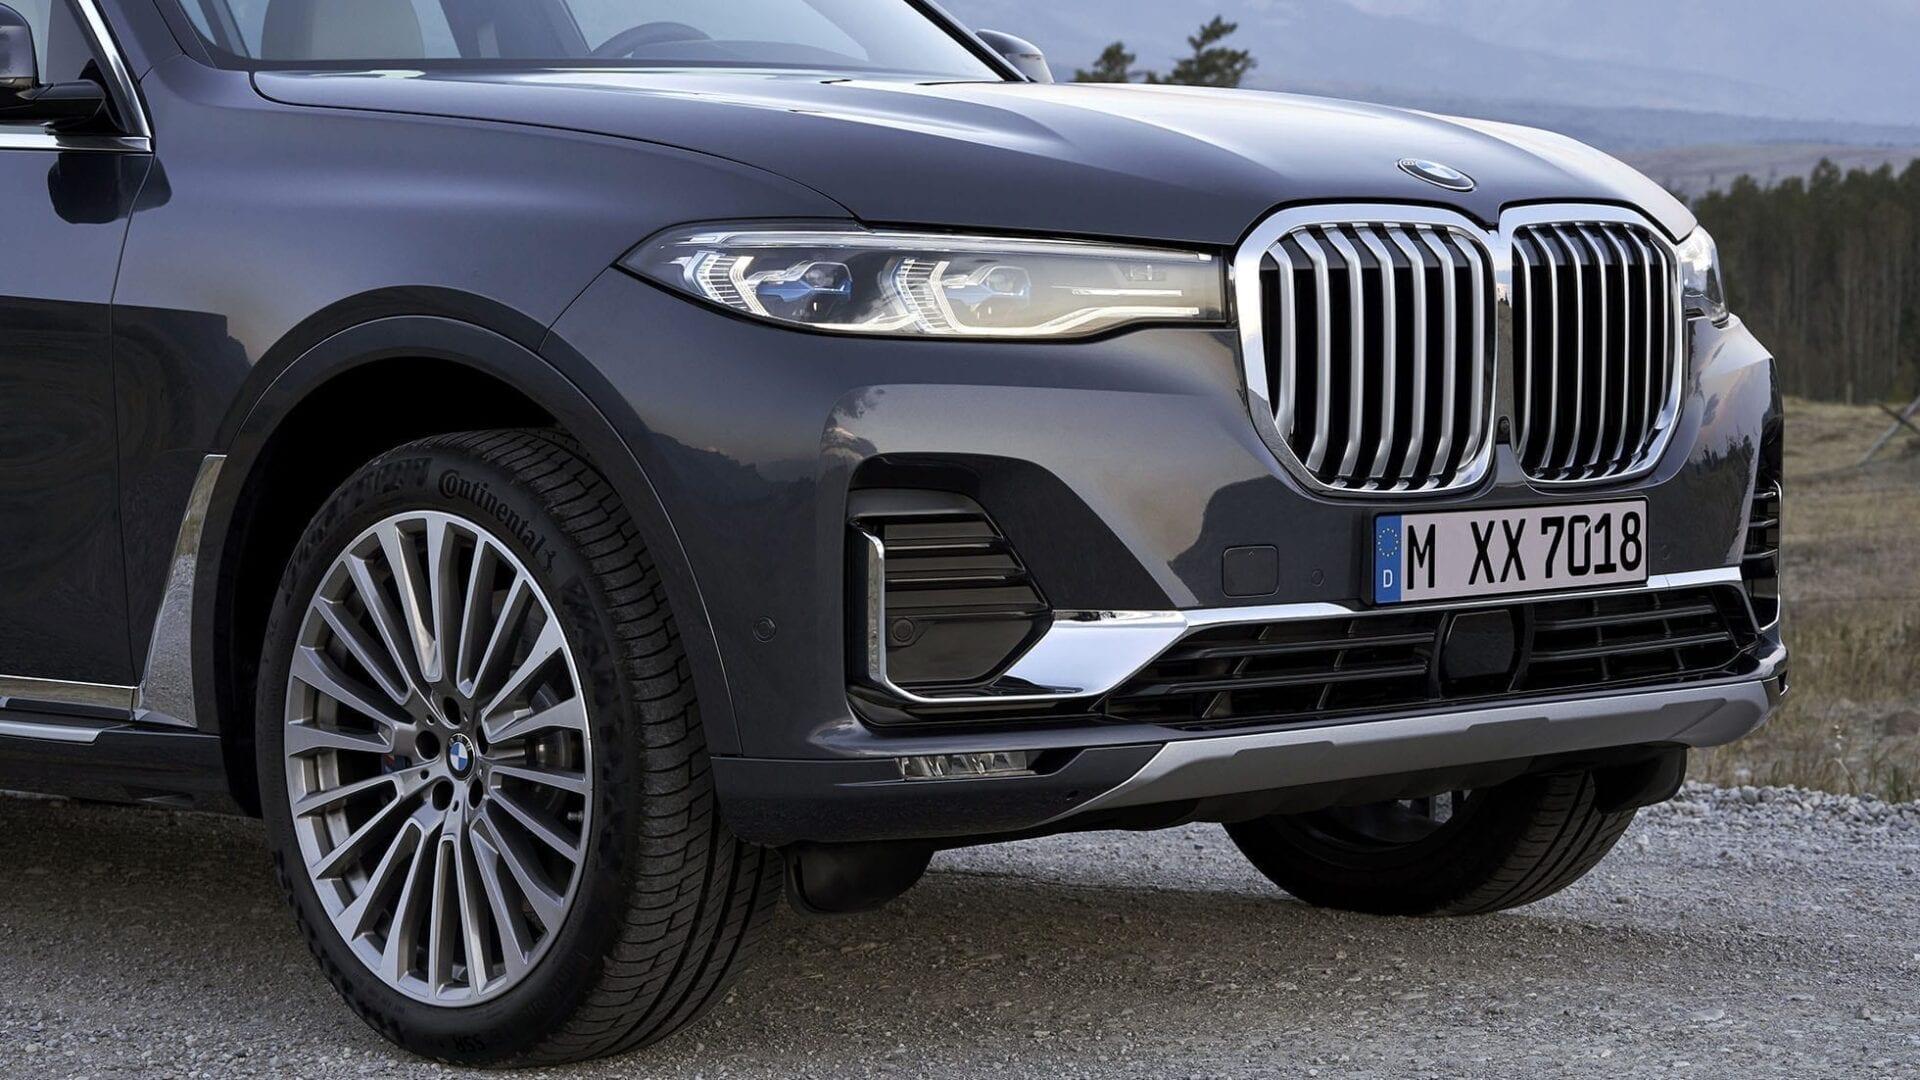 Faros del BMW X7